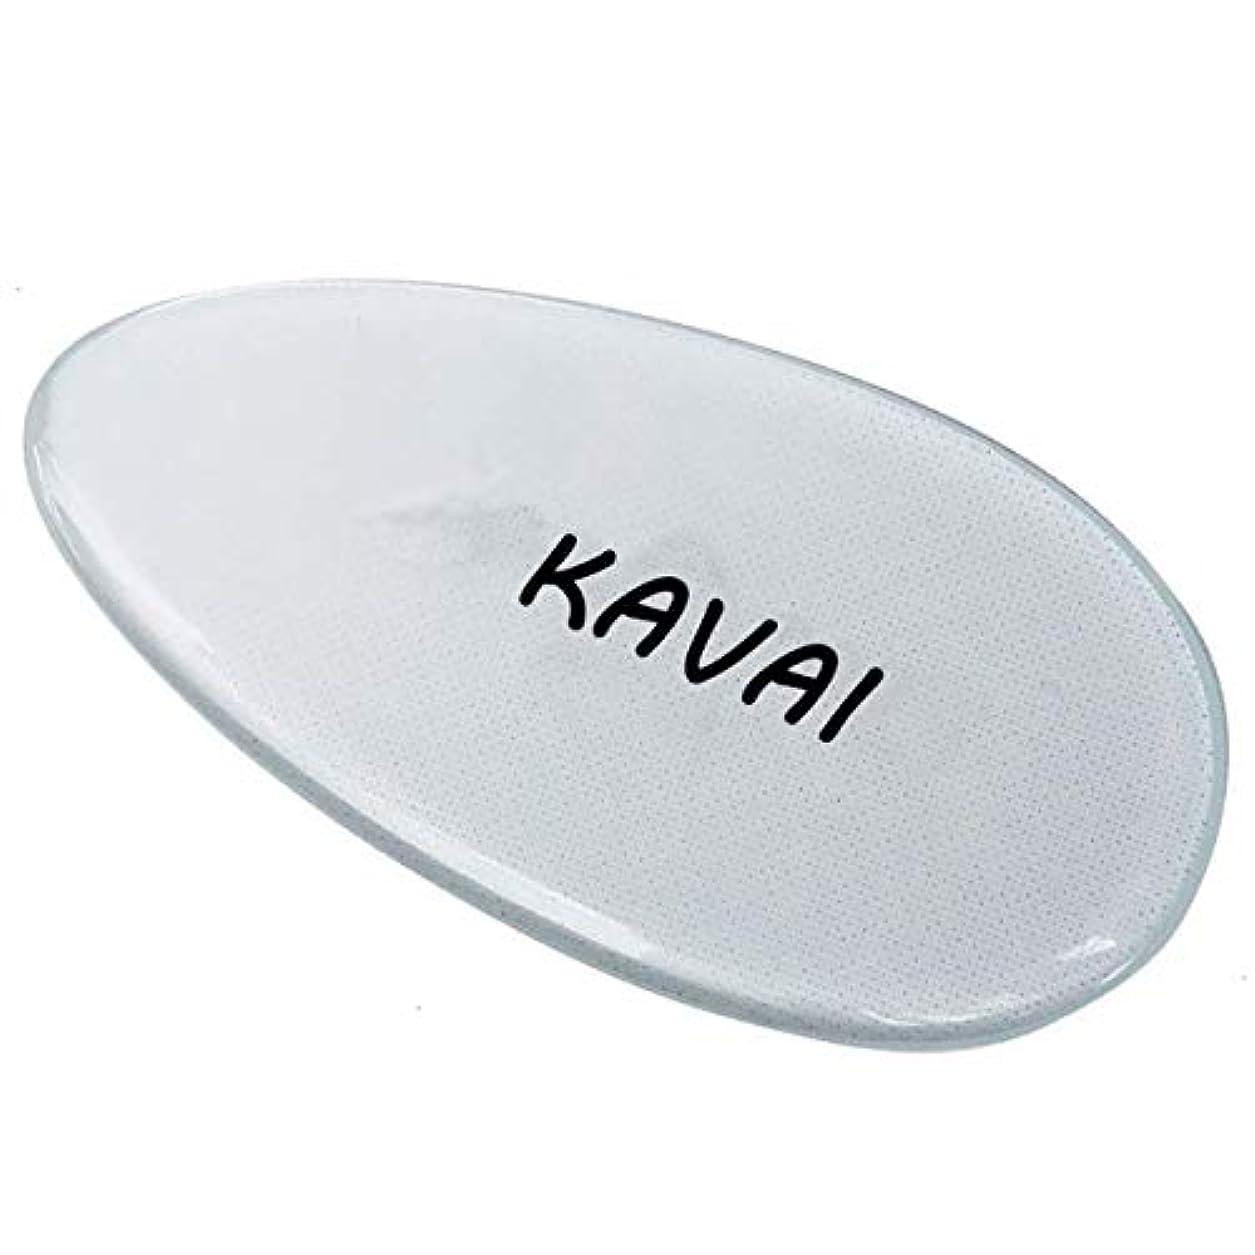 祈るコレクションストラップKavai かかと削り, かかと 角質取り ガラス, ガラス製かかとやすり 足 かかと削り かかと削り かかと磨き ガラス製 爪やすり (かかと削り)